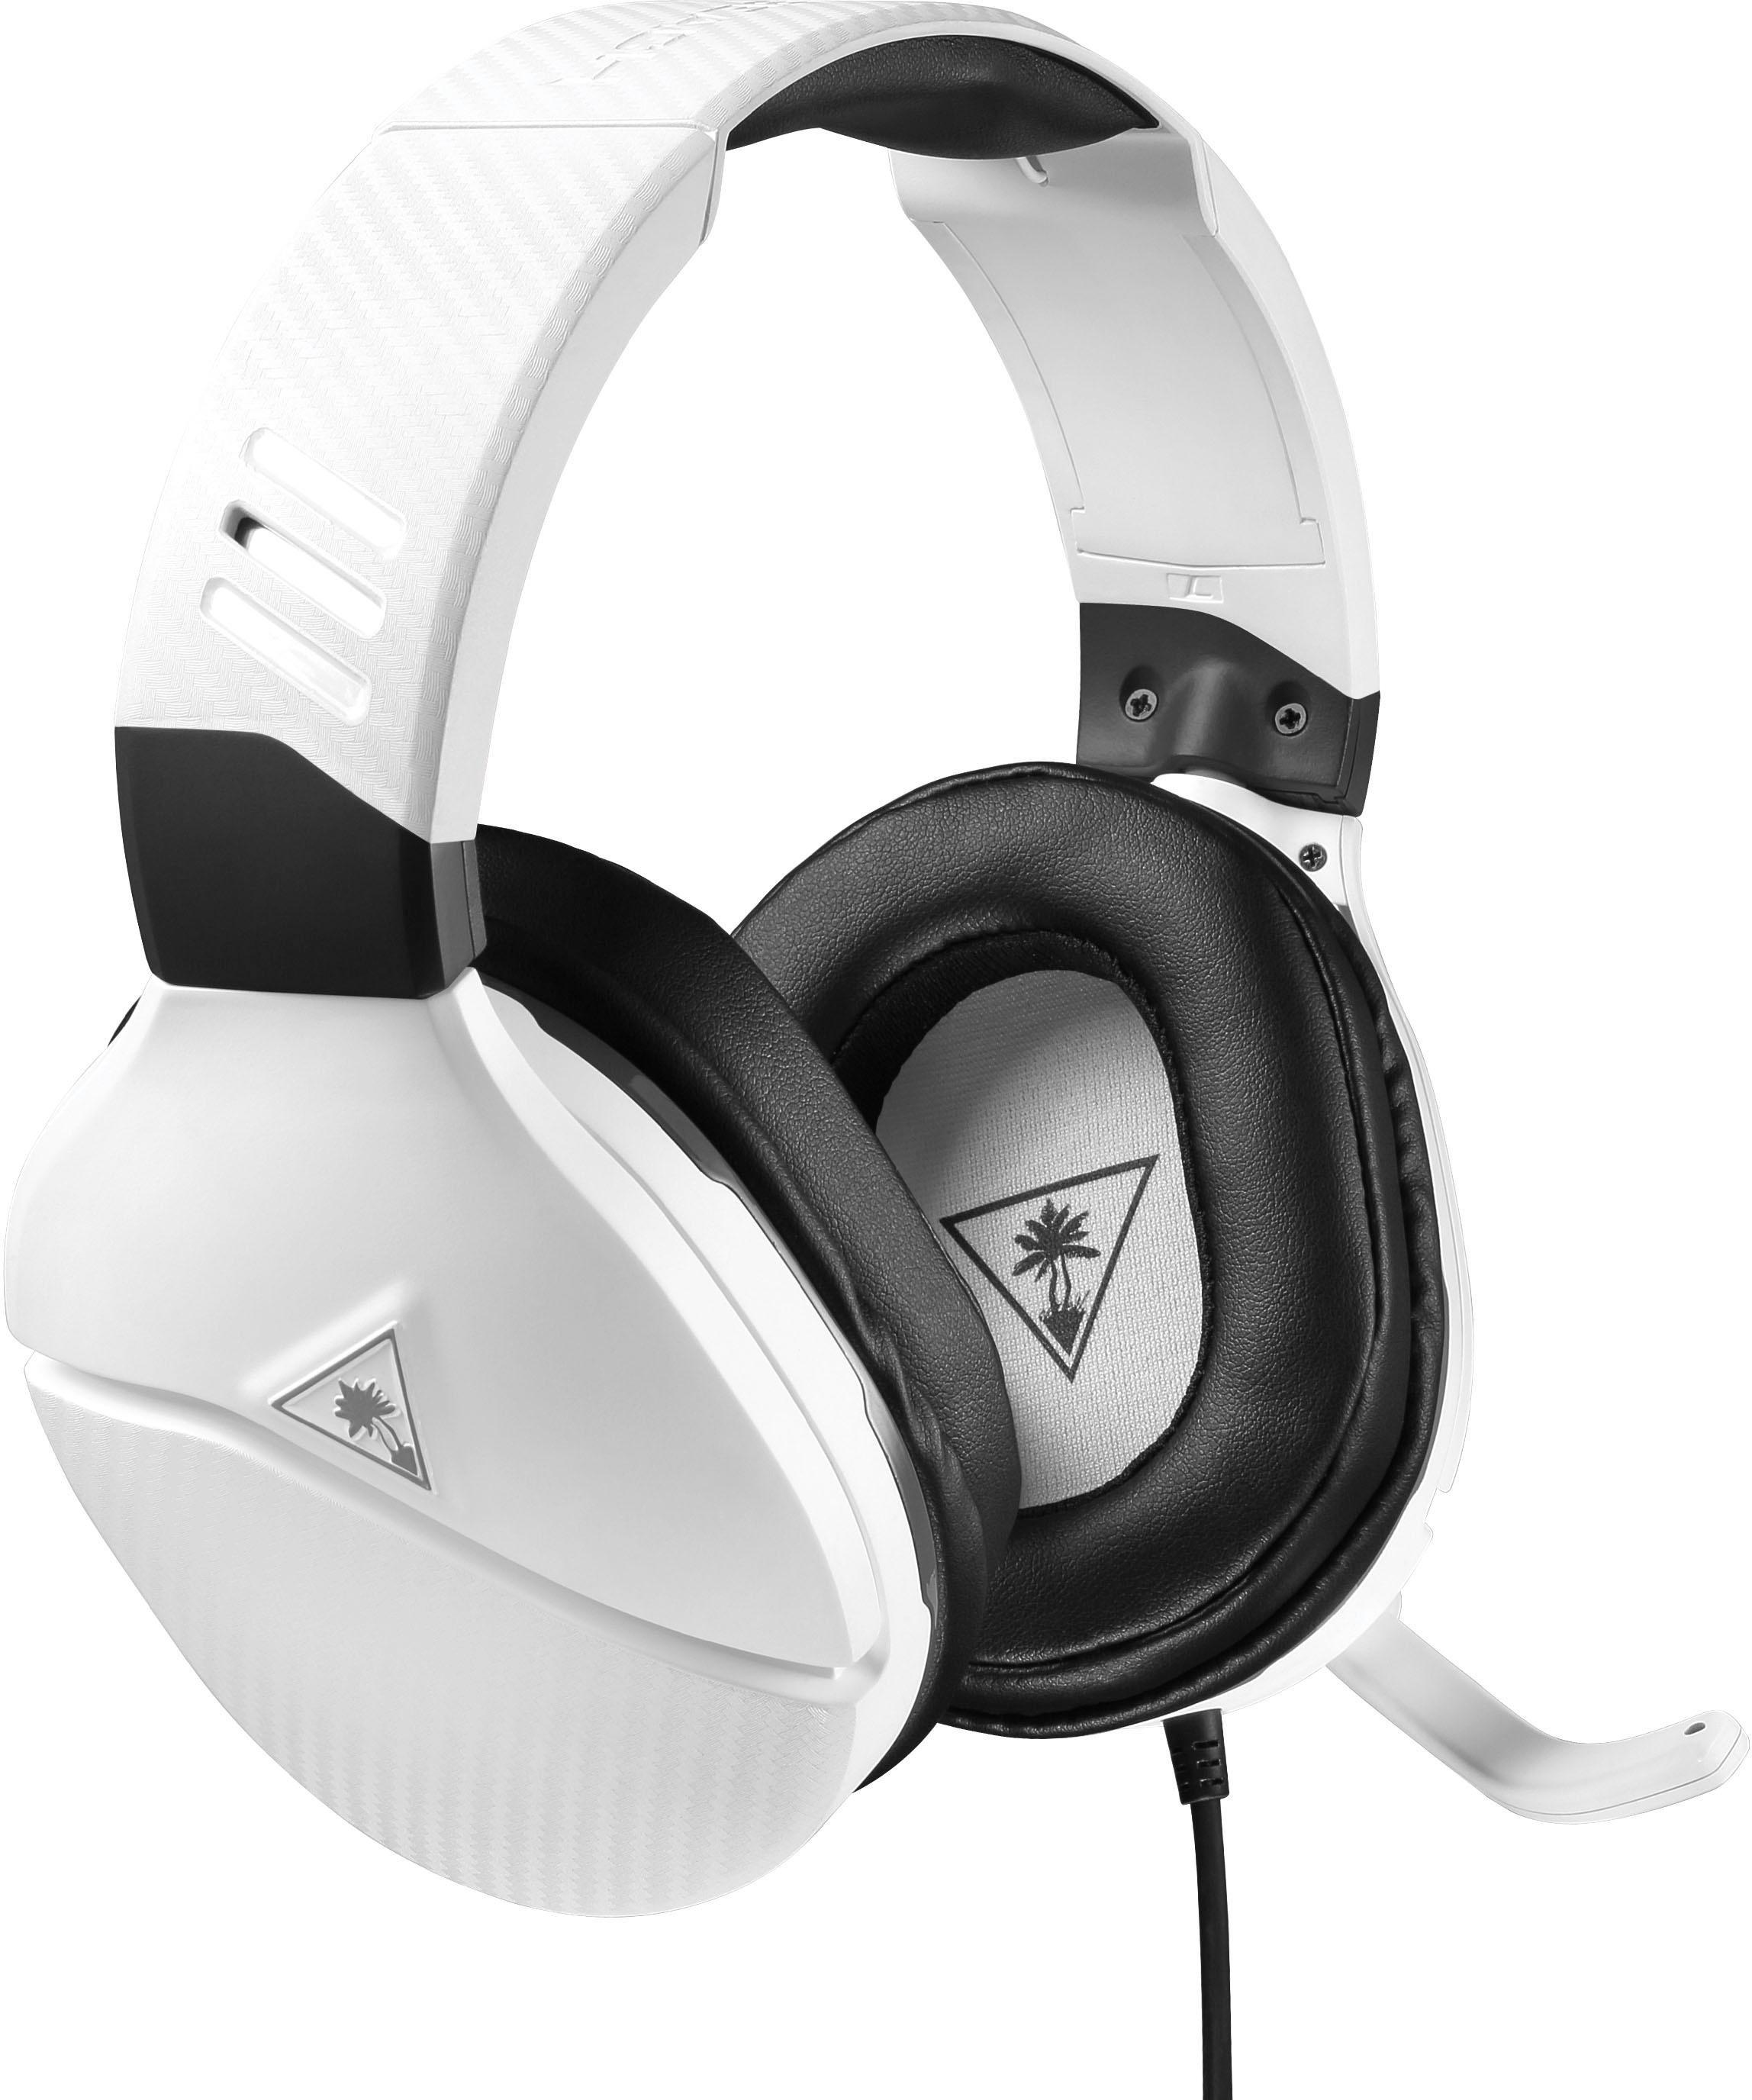 Turtle Beach »Recon 200« gaming-headset goedkoop op otto.nl kopen